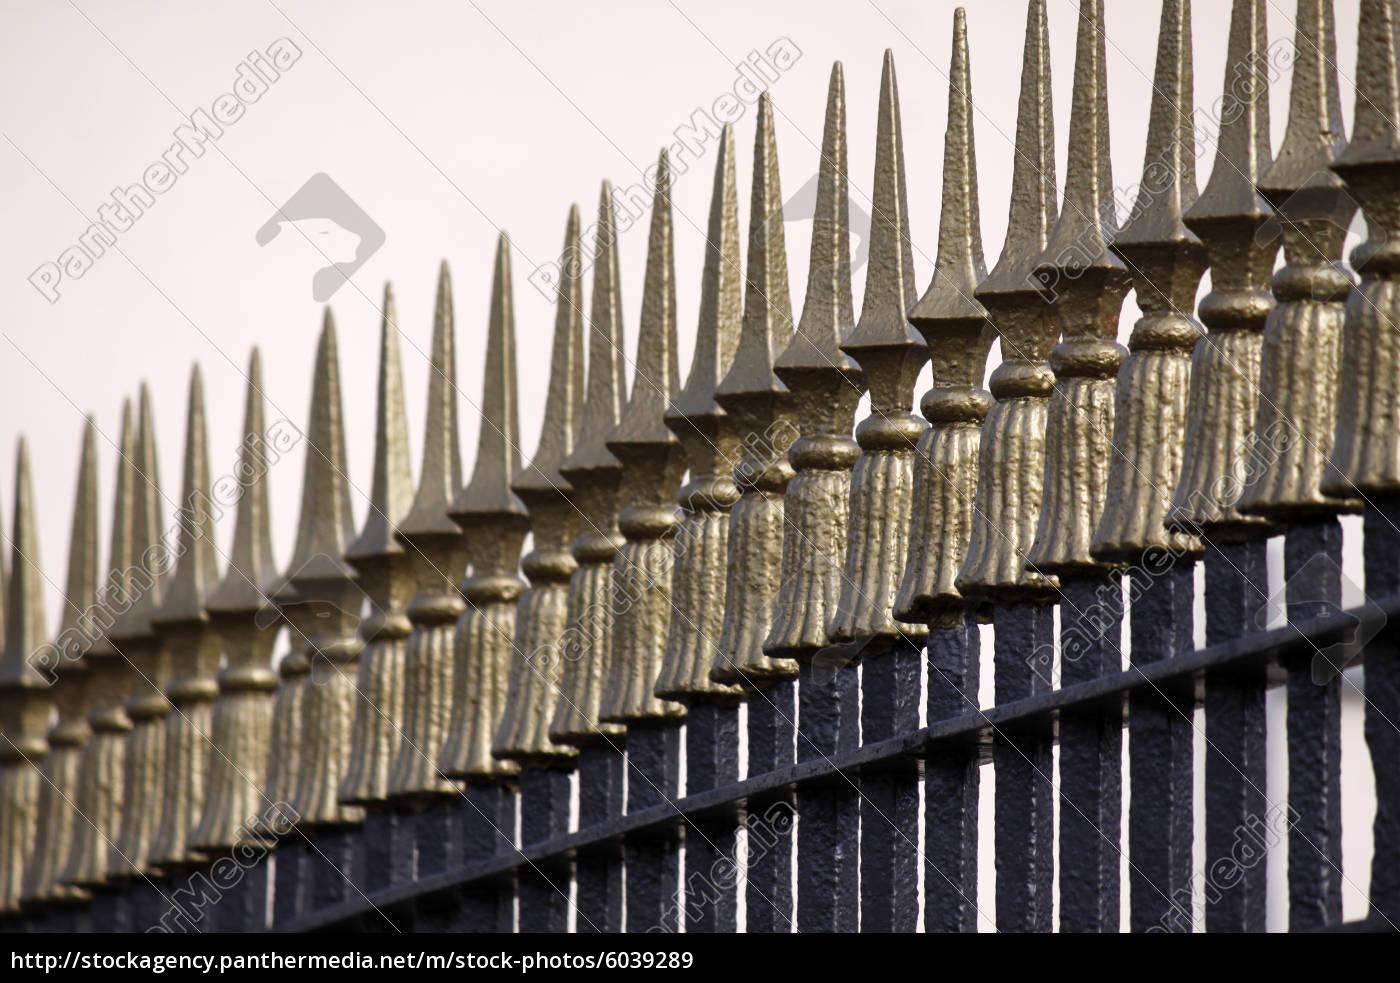 Großartig Metallzäune Bilder Dekoration Von Lizenzfreies Bild 6039289 - Metallzaun Mit Goldenen